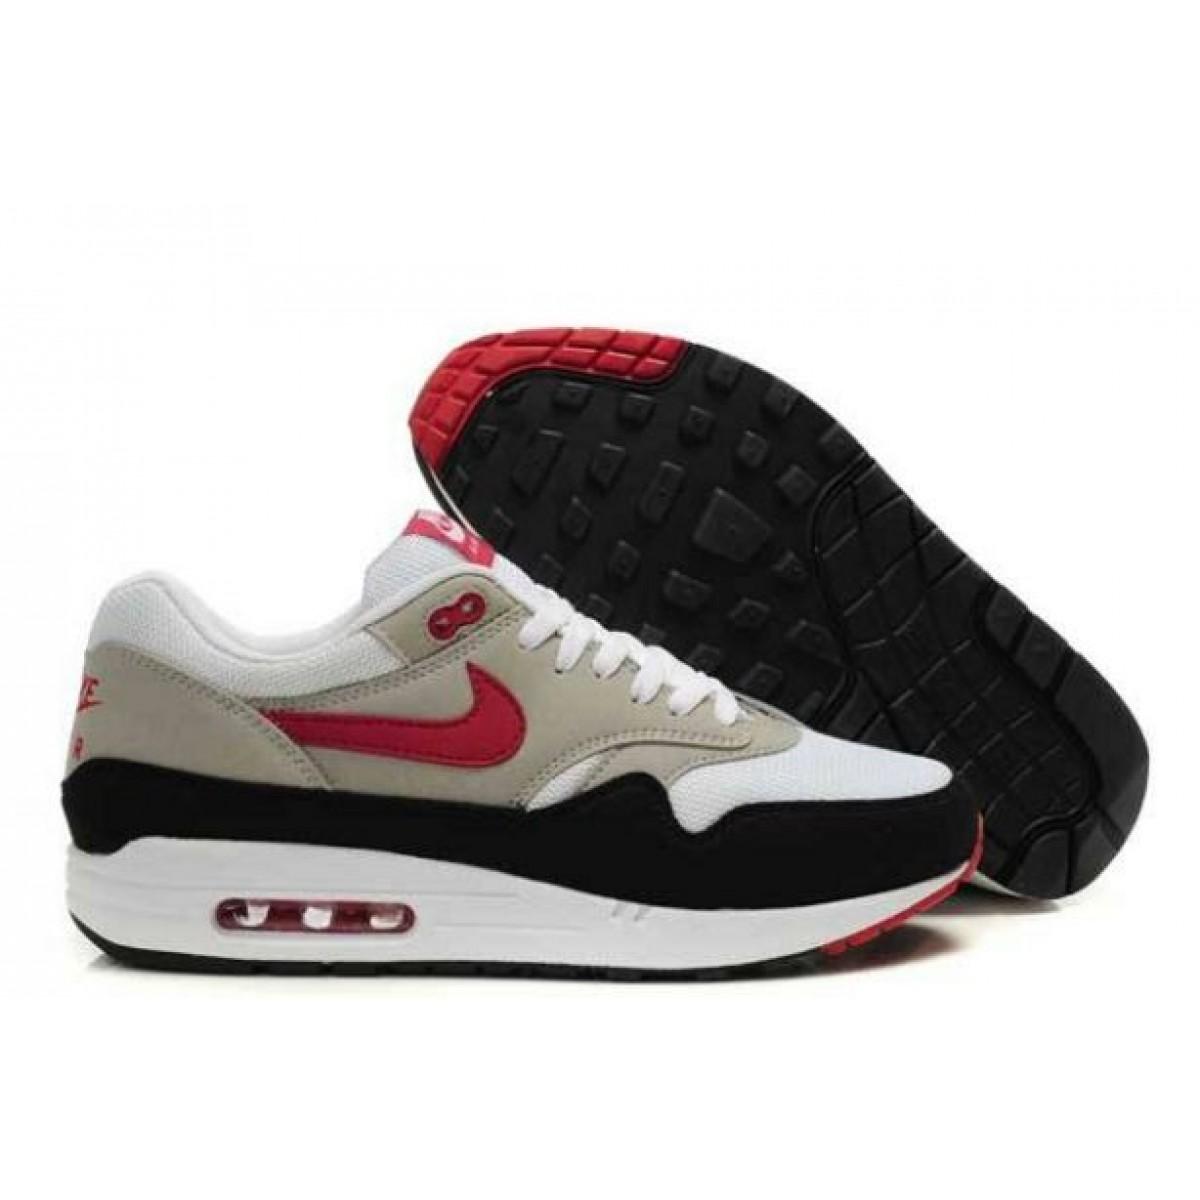 Achat / Vente produits Nike Air Max 1 Homme,Nike Air Max 1 Homme Pas